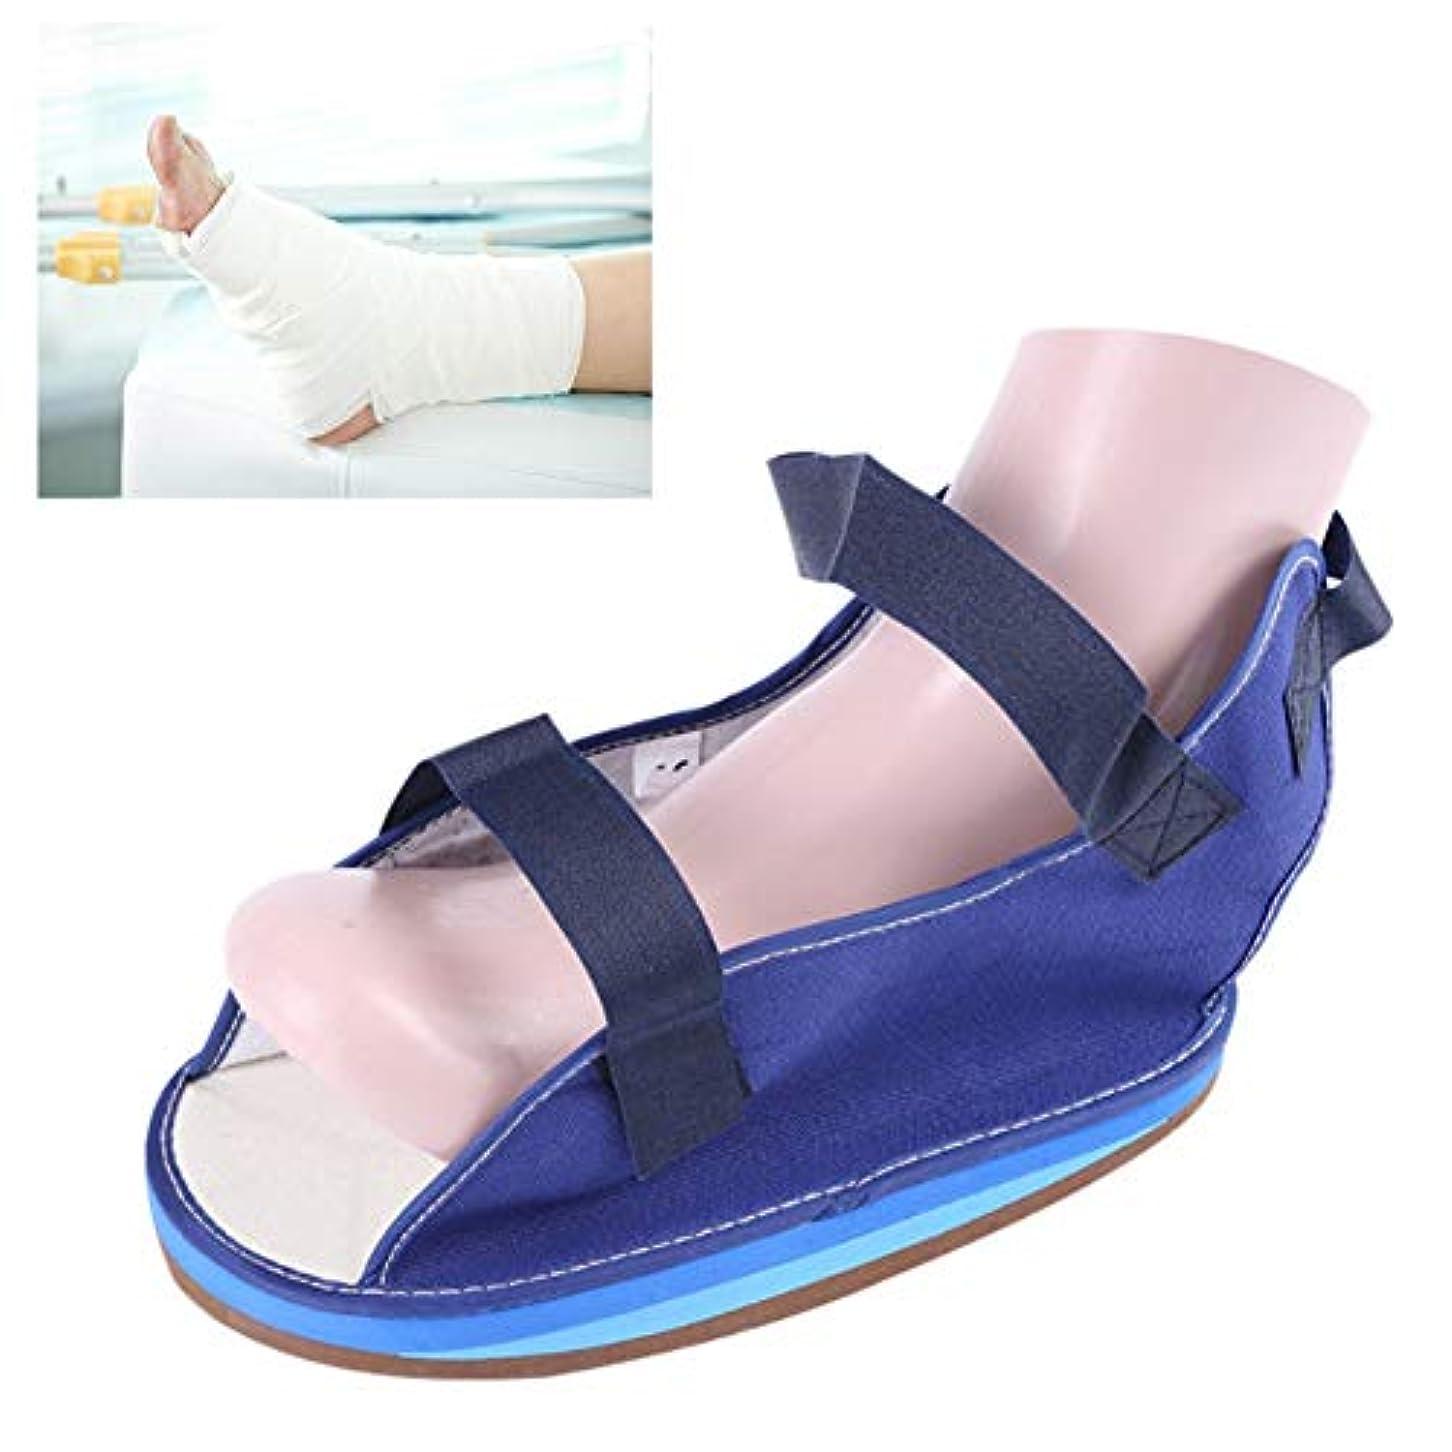 だます道路区別キャスト医療靴術後歩行ブートヒーリングリハビリ石膏靴外科的骨折足用靴,30cm2pcs